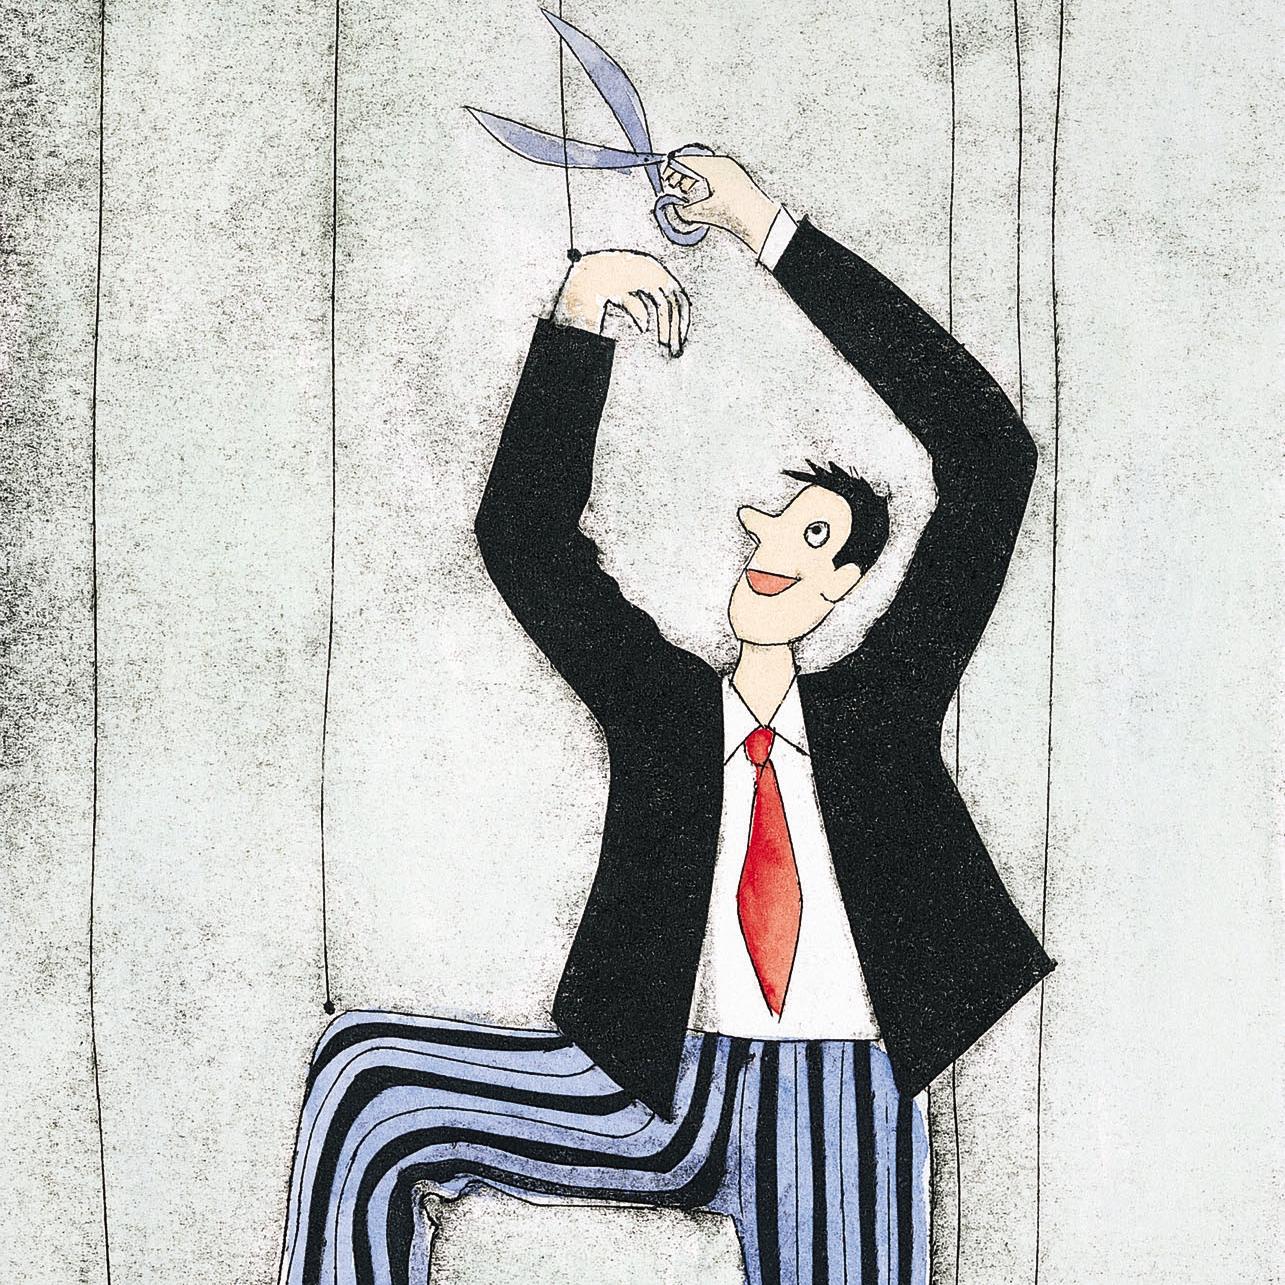 Een marionet knipt de draden door, wil niet doen wat opgedragen is maar de eigen weg gaan